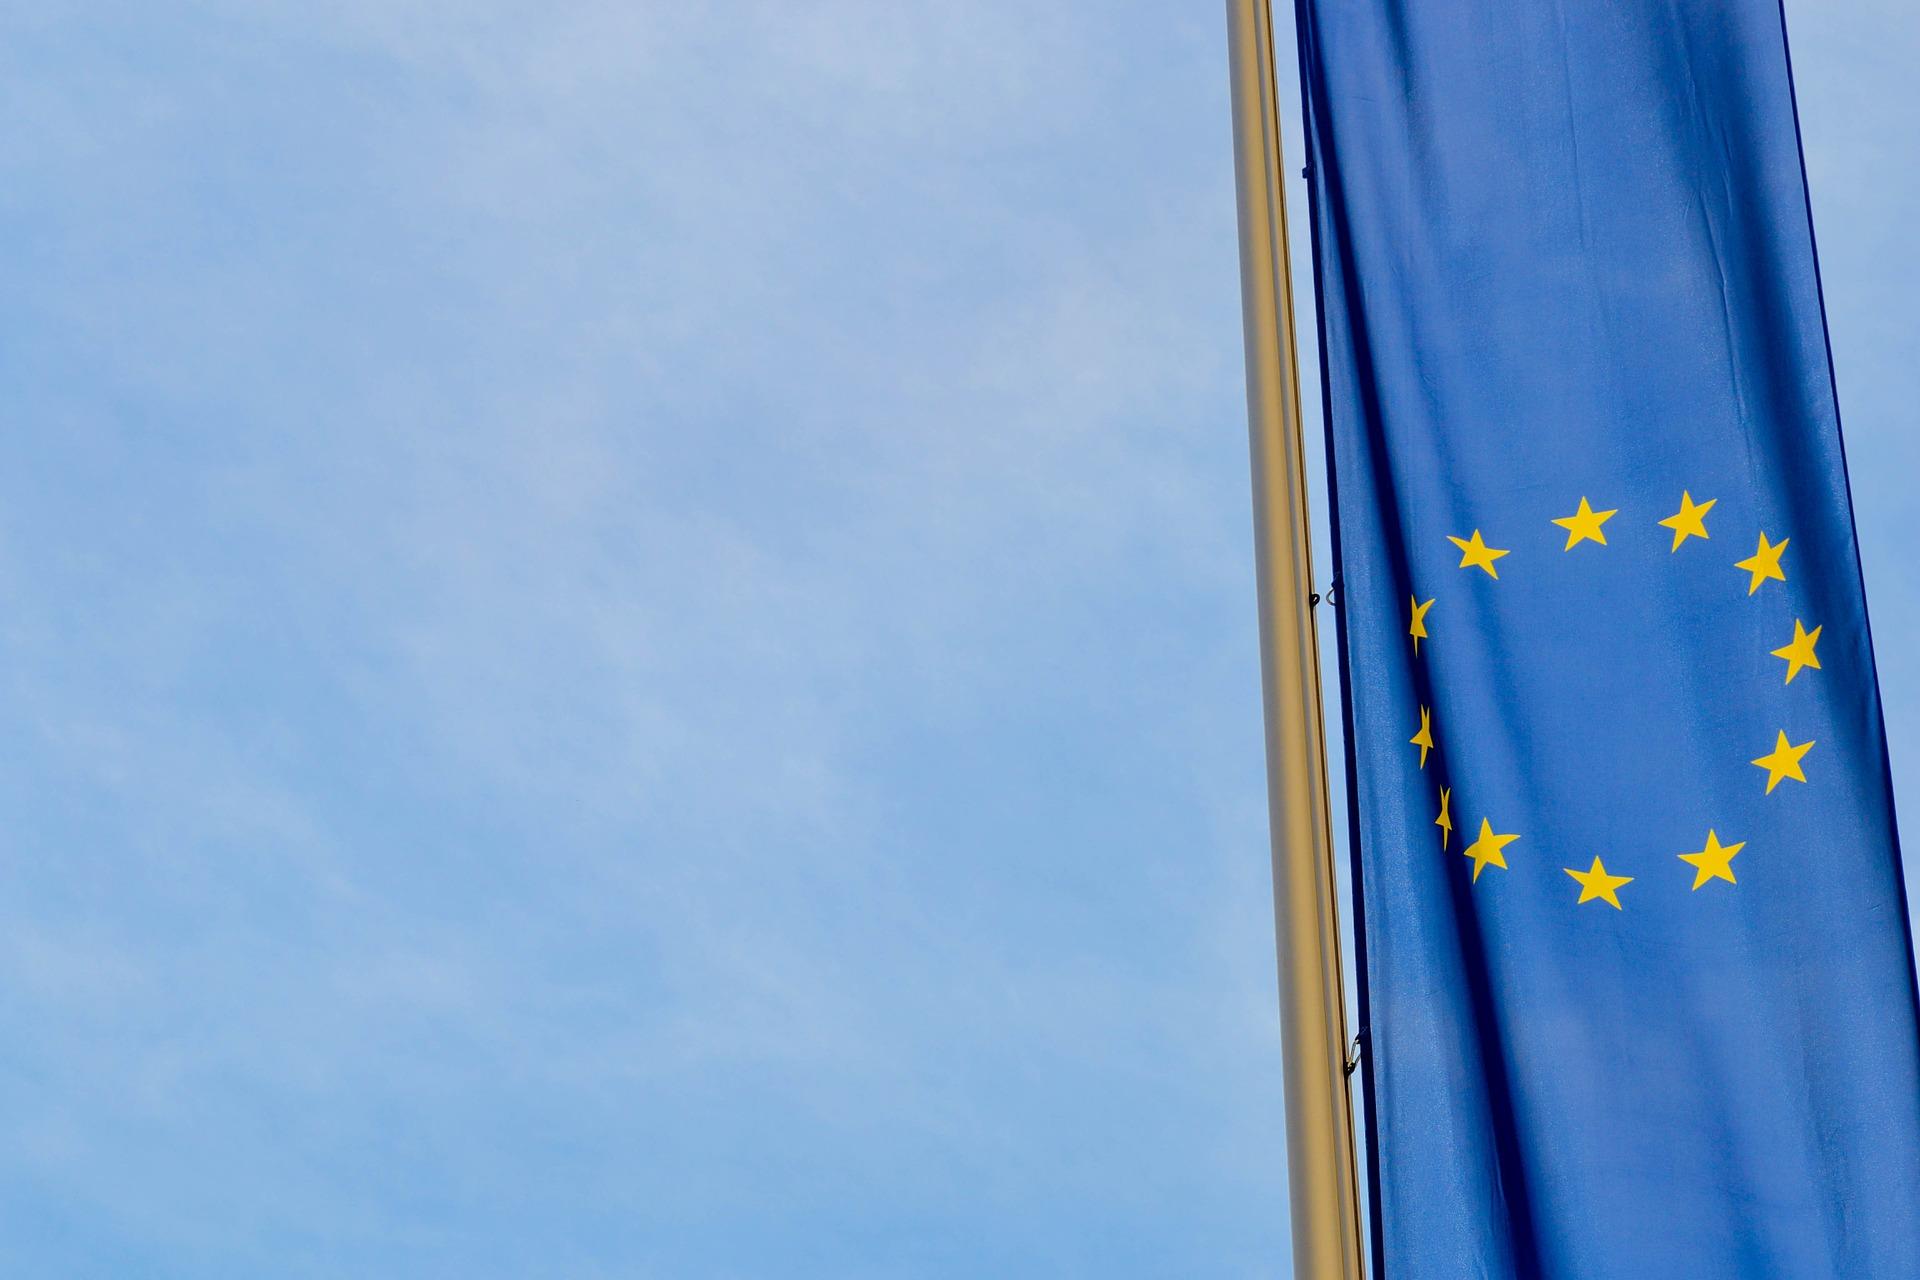 Nová pravidla odstoupení od smlouvy pro všechny státy EU